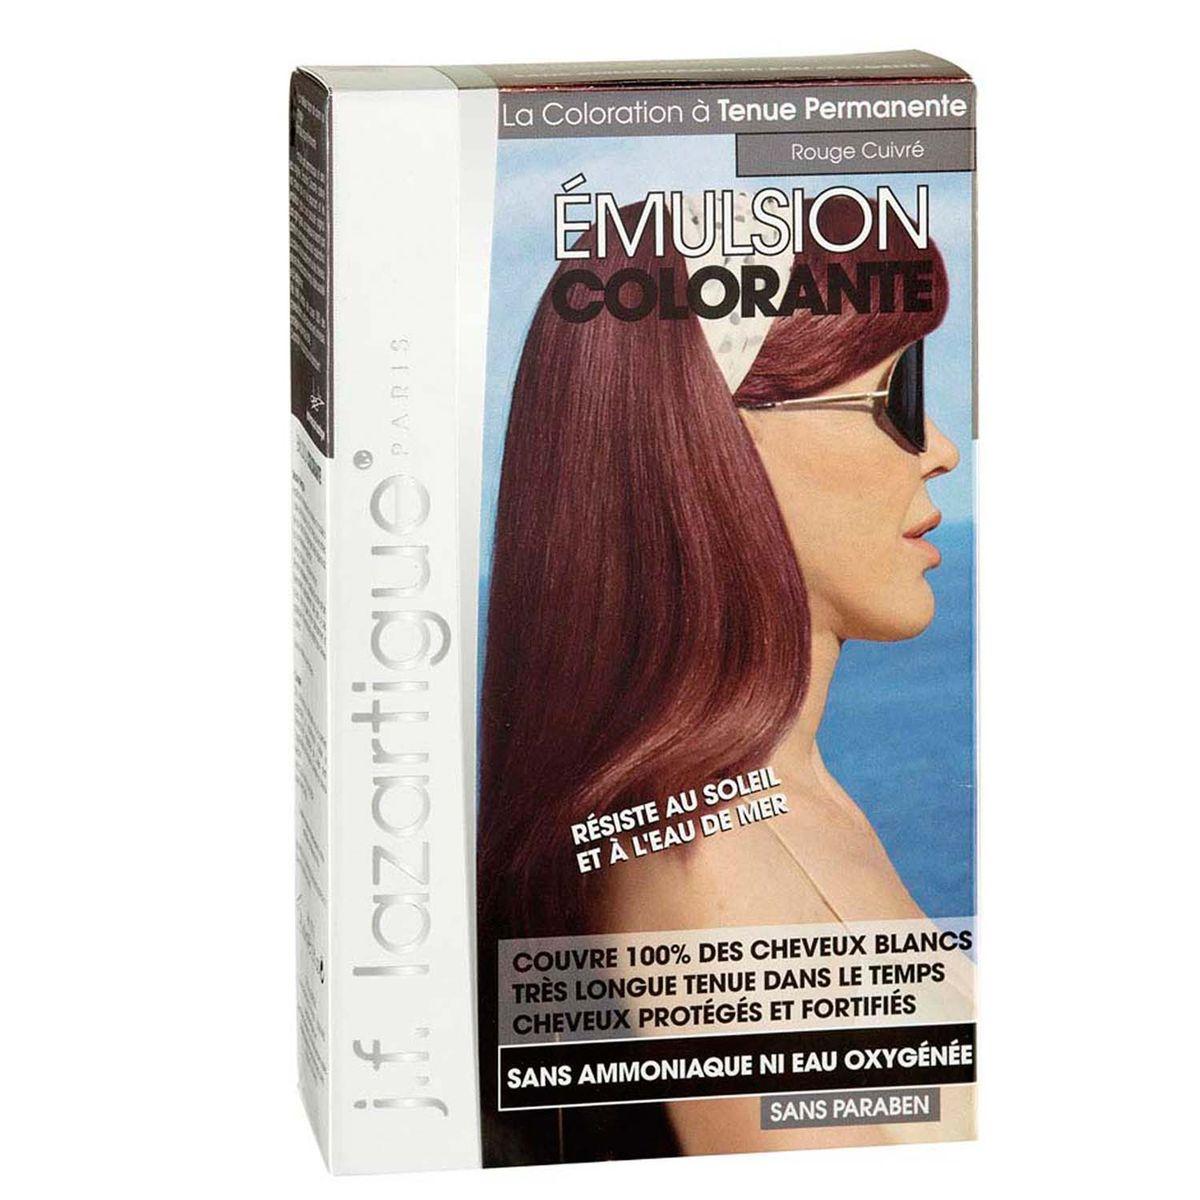 J.F.Lazartigue Оттеночная эмульсия для волос Медно-красный 60 млБ33041_шампунь-барбарис и липа, скраб -черная смородинаБлагодаря оригинальной формуле полностью (на 100%) скрывает седину, длительное время сохраняет цвет, поддерживает здоровье и жизненную силу волос и сохраняет эти качества, несмотря на воздействие солнечных лучей, морской воды и прочих неблагоприятных экологических факторов. Не осветляет, не повреждает, а укрепляет волосы. Не содержит аммиака, перекиси водорода и парабенов. Не предназначена для окрашивания бровей и ресниц.